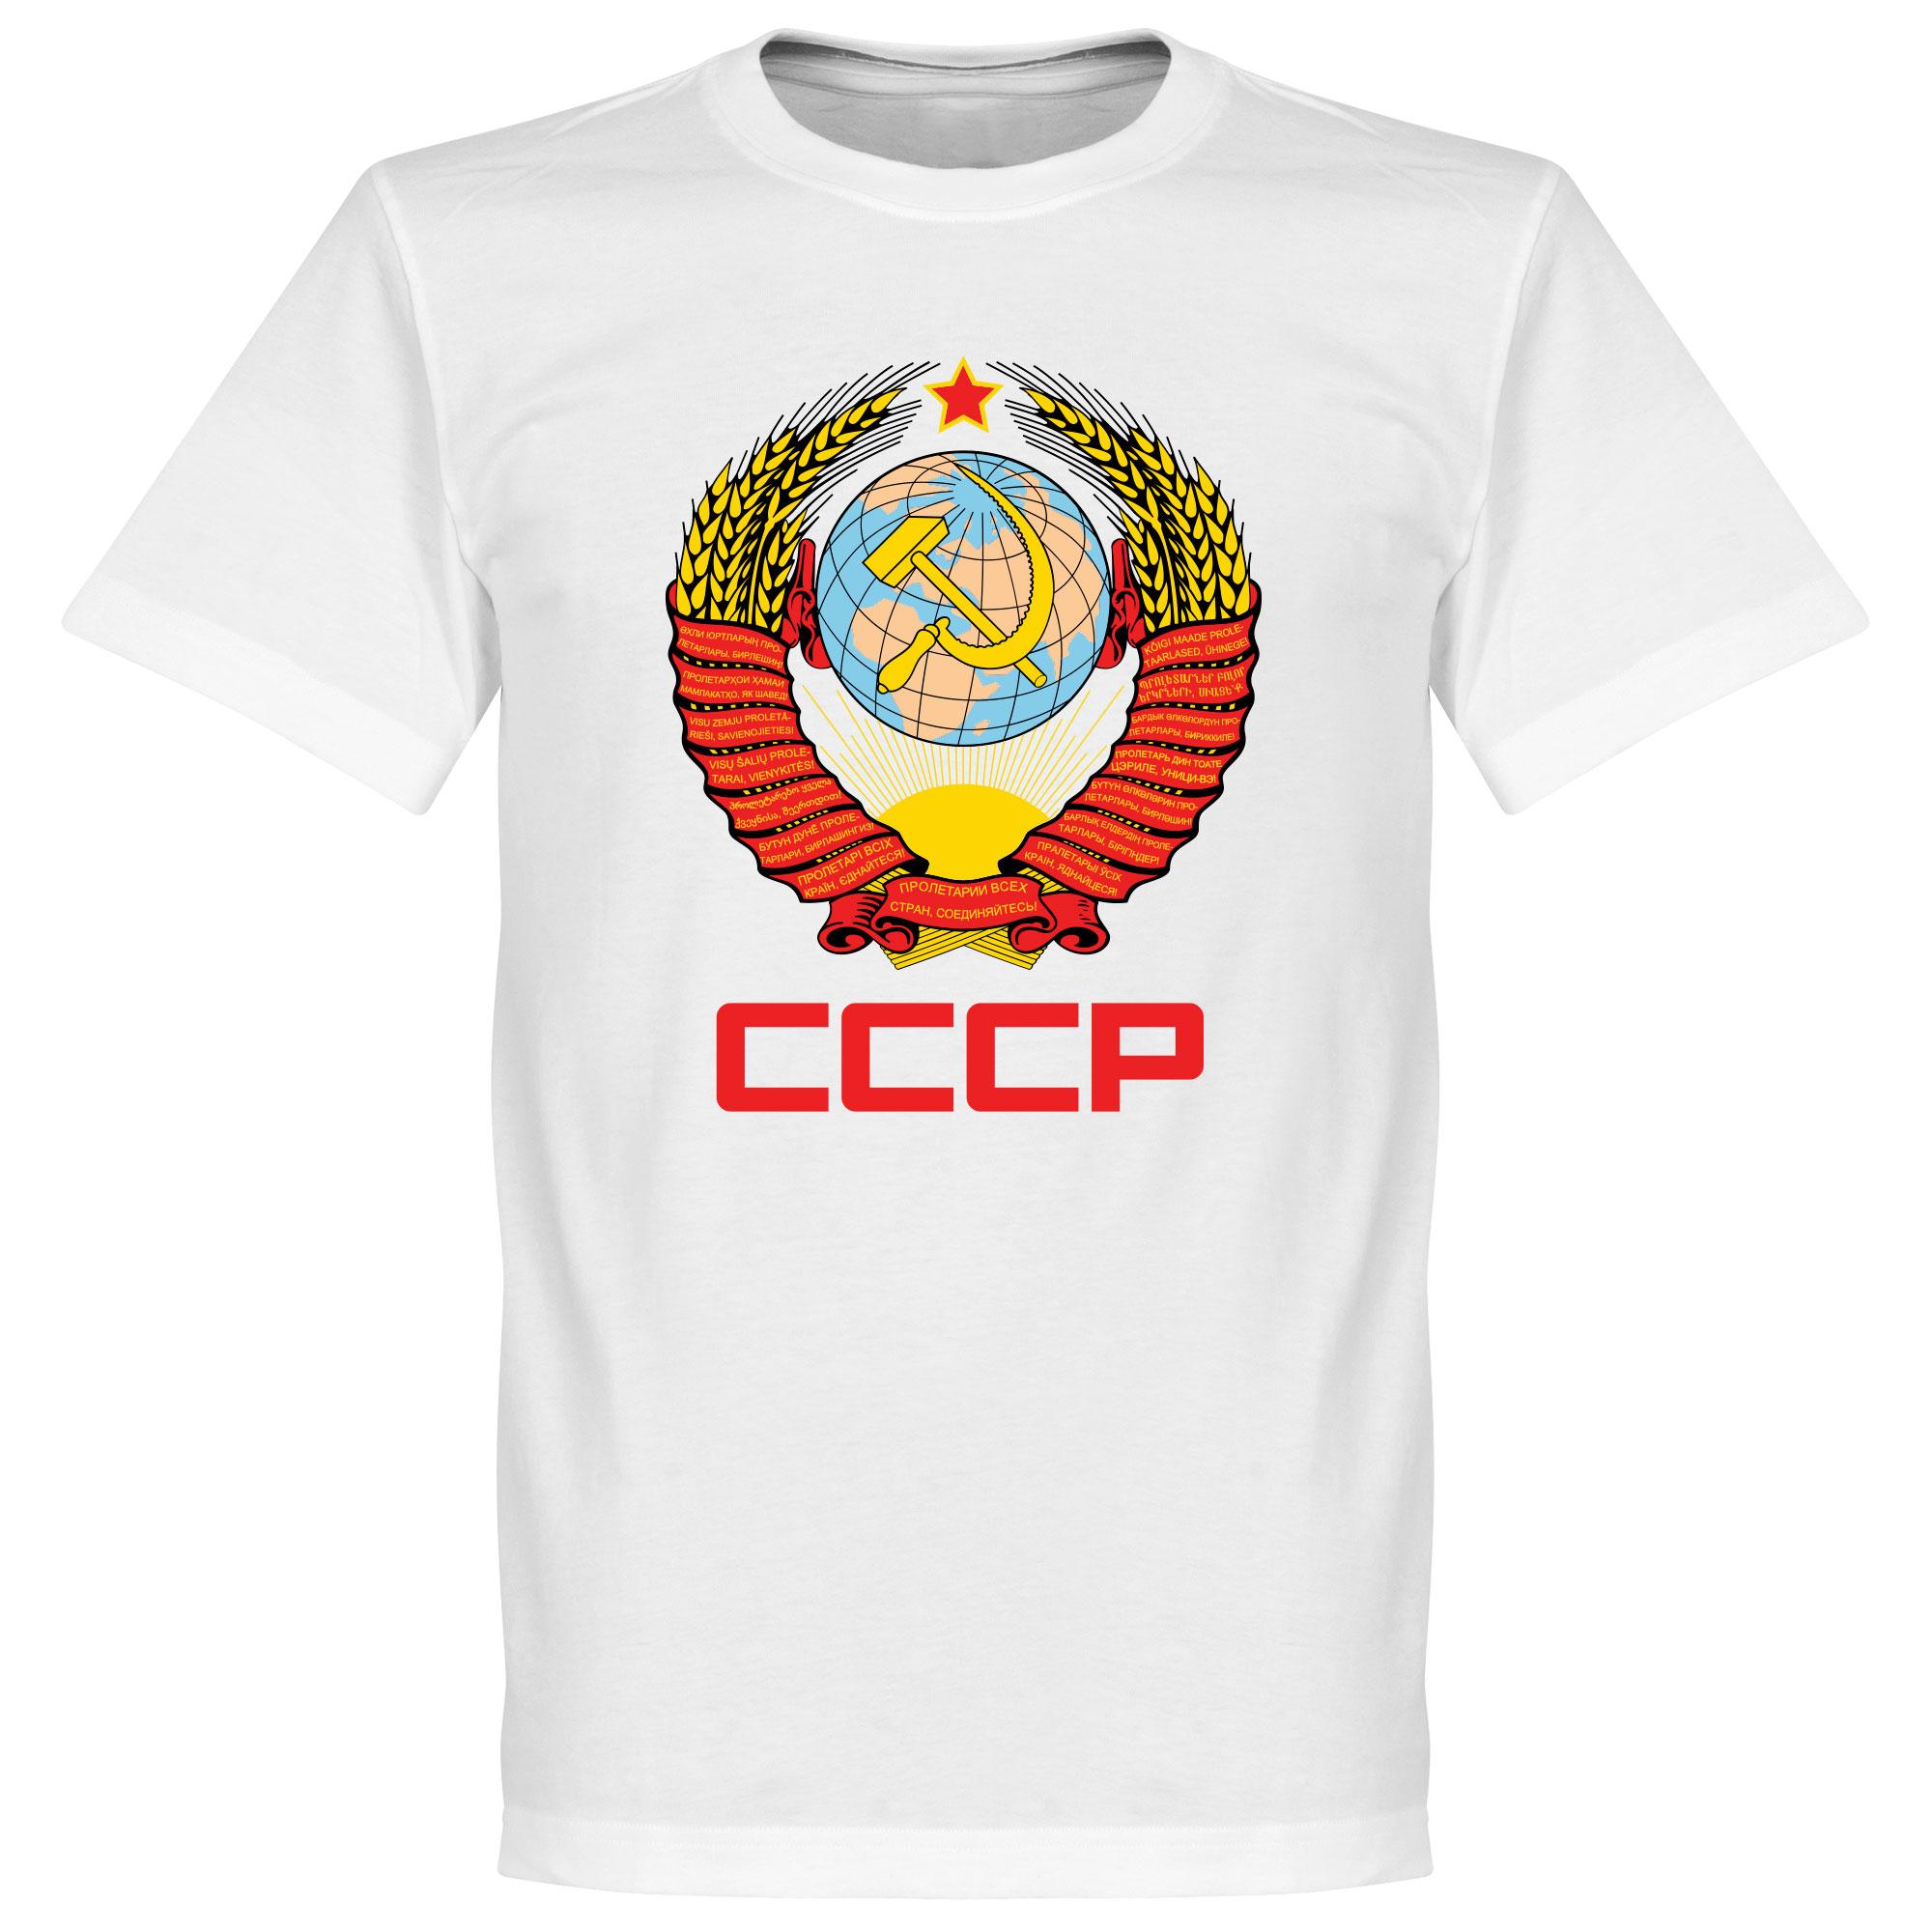 CCCP Crest Tee - White - L